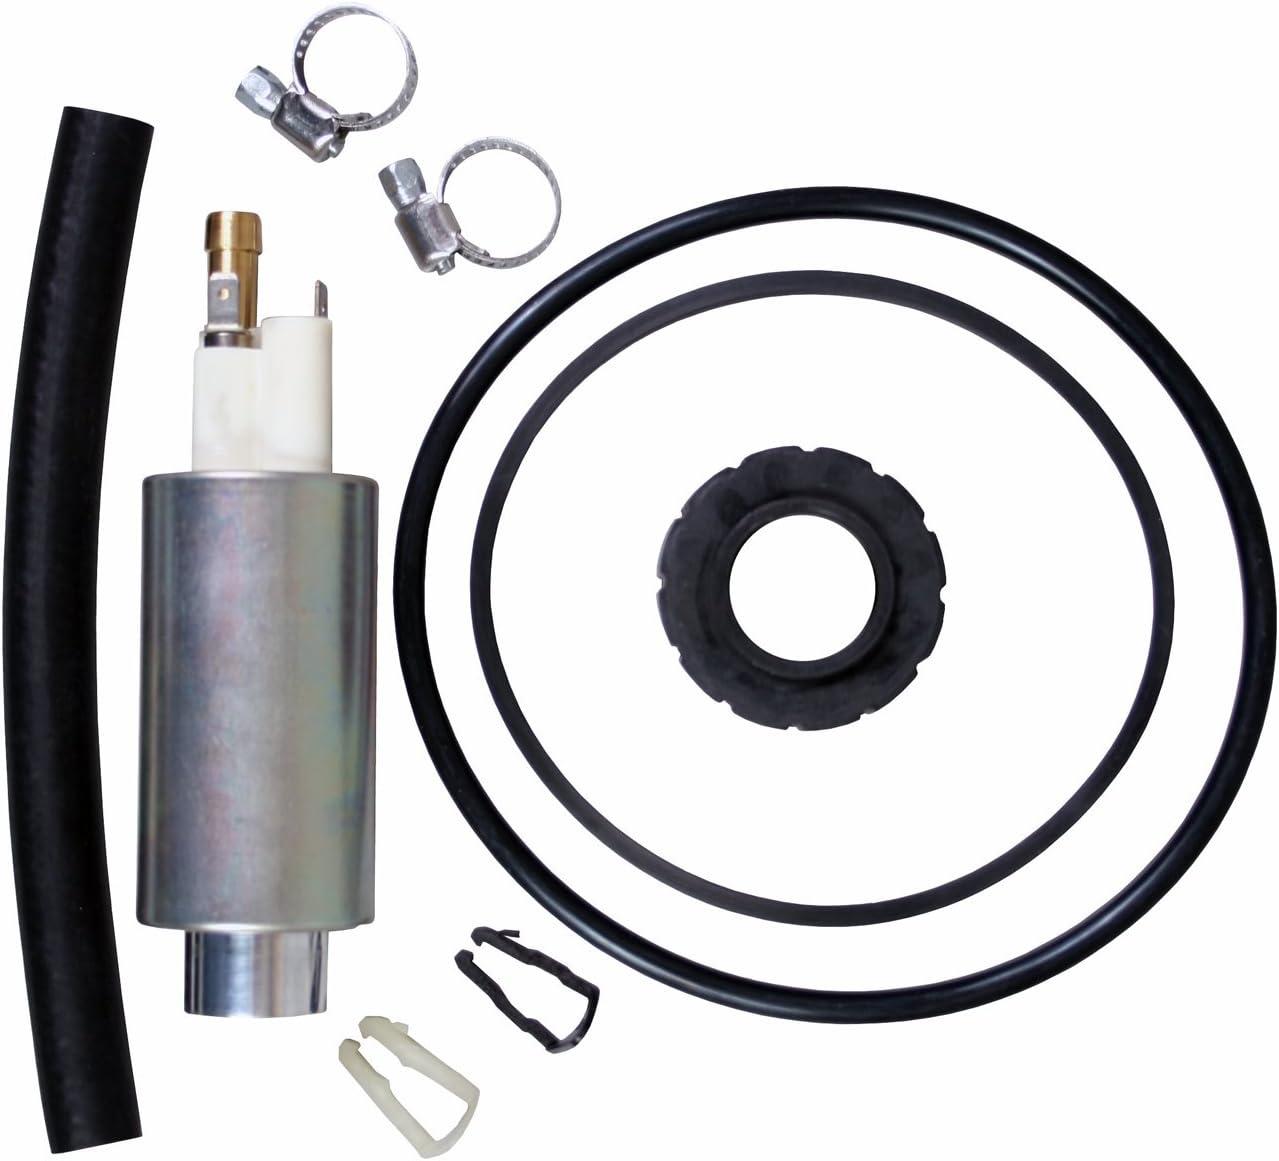 D/&D PowerDrive 16C1775J3 Metric Standard Replacement Belt